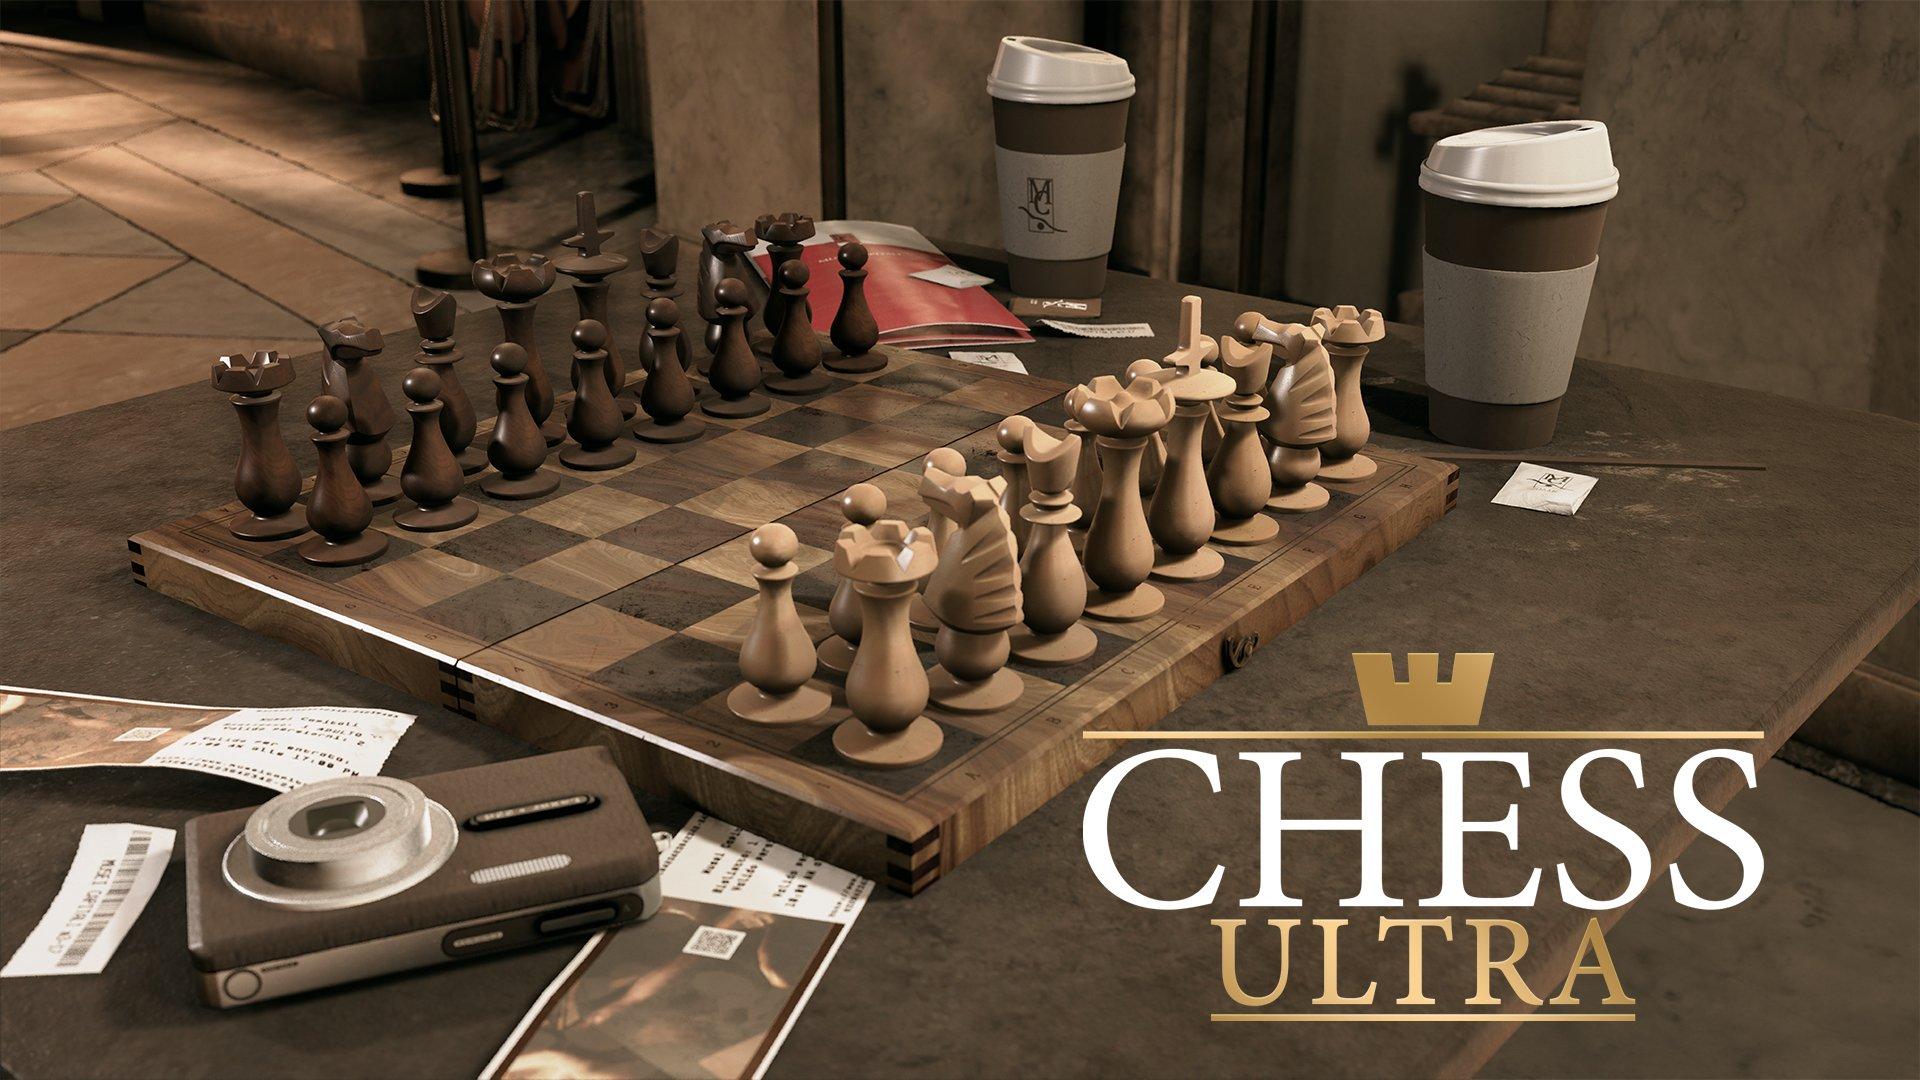 Ripstone Games confirma cross-platform em Chess Ultra e modo multiplayer exclusivo para o Switch